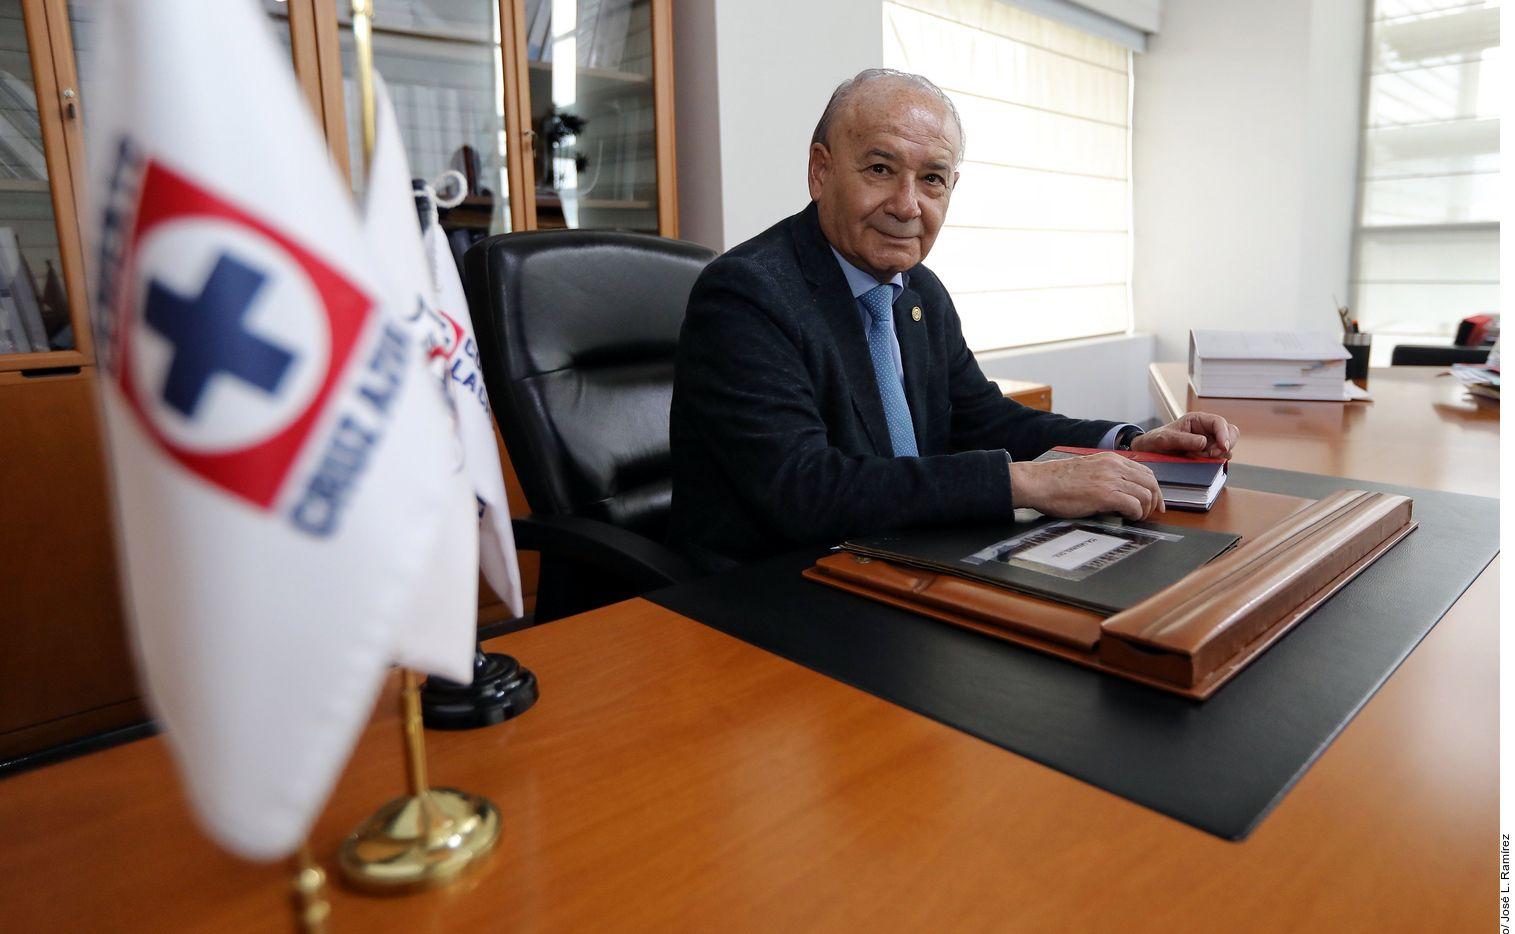 Guillermo Álvarez sigue al frente de Cruz Azul, dice la cooperativa que desmiente su destitución.